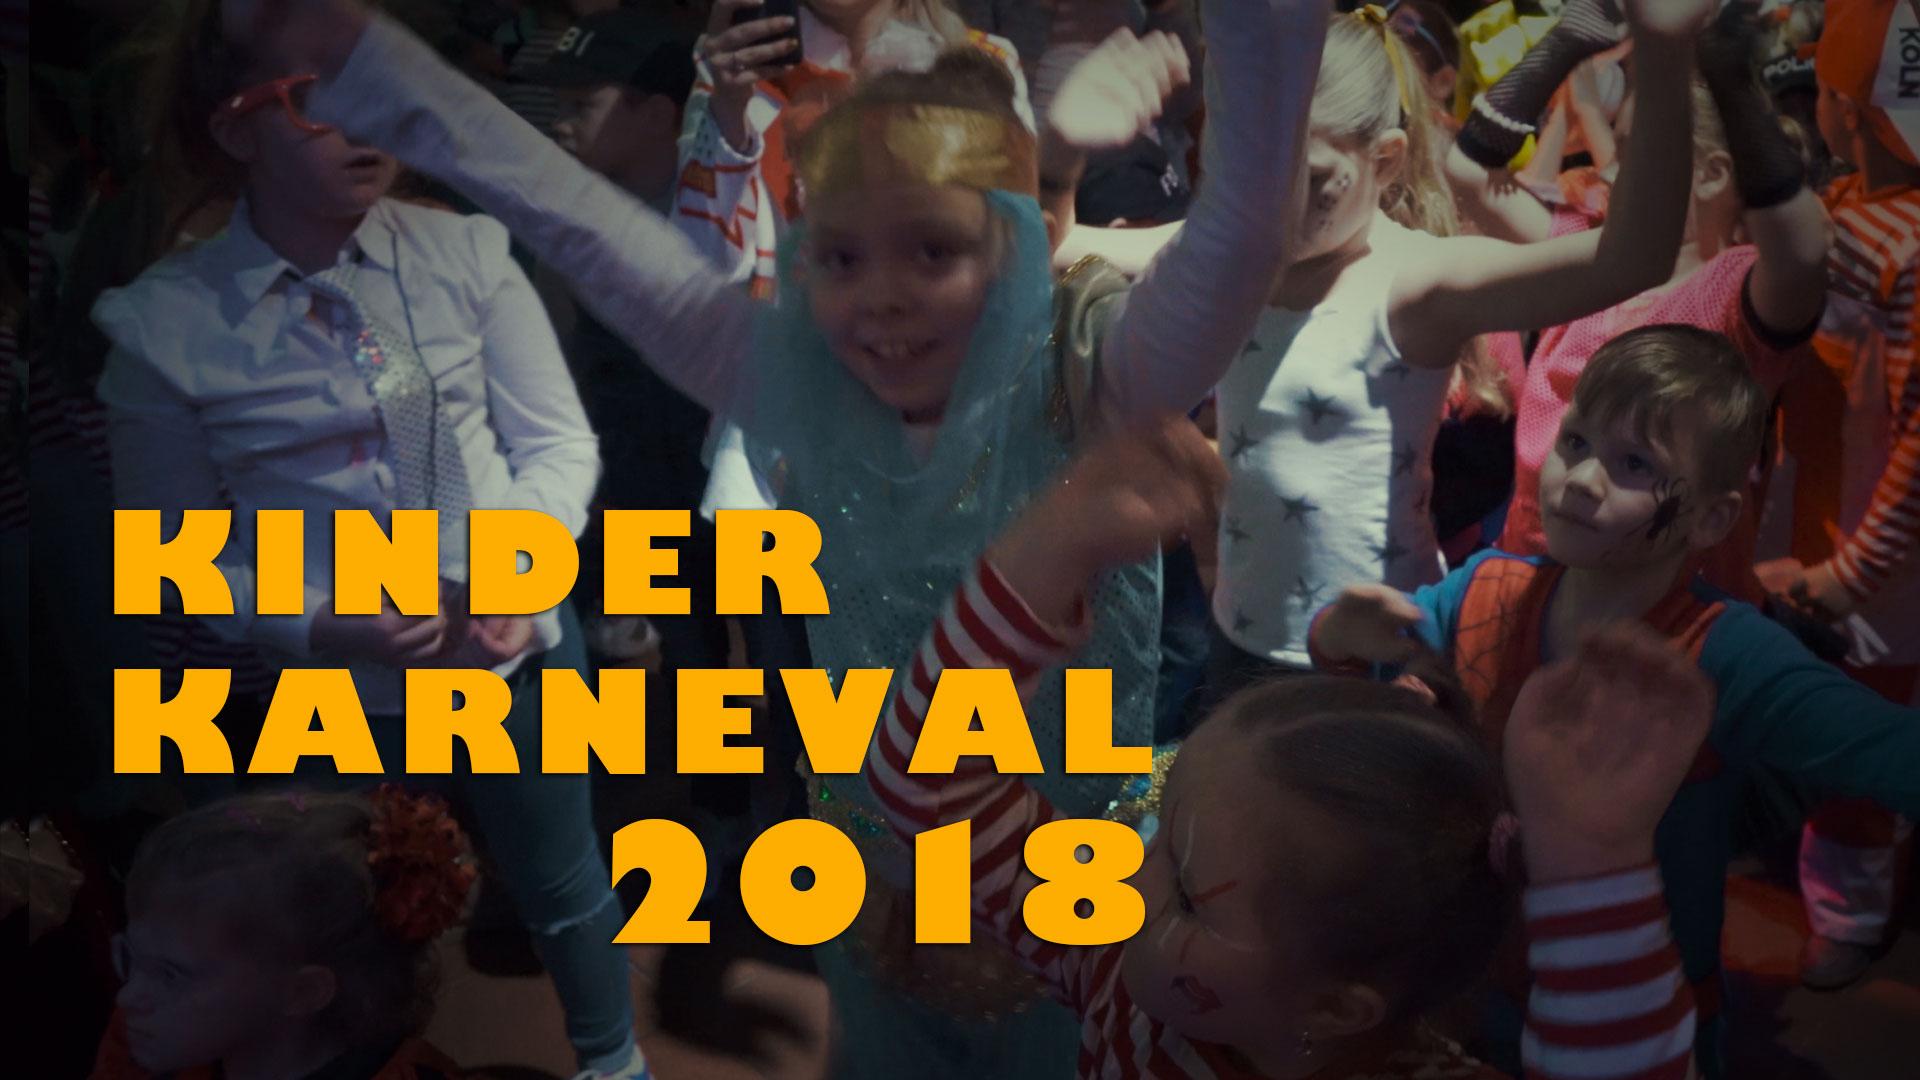 Kinder Karneval 2018